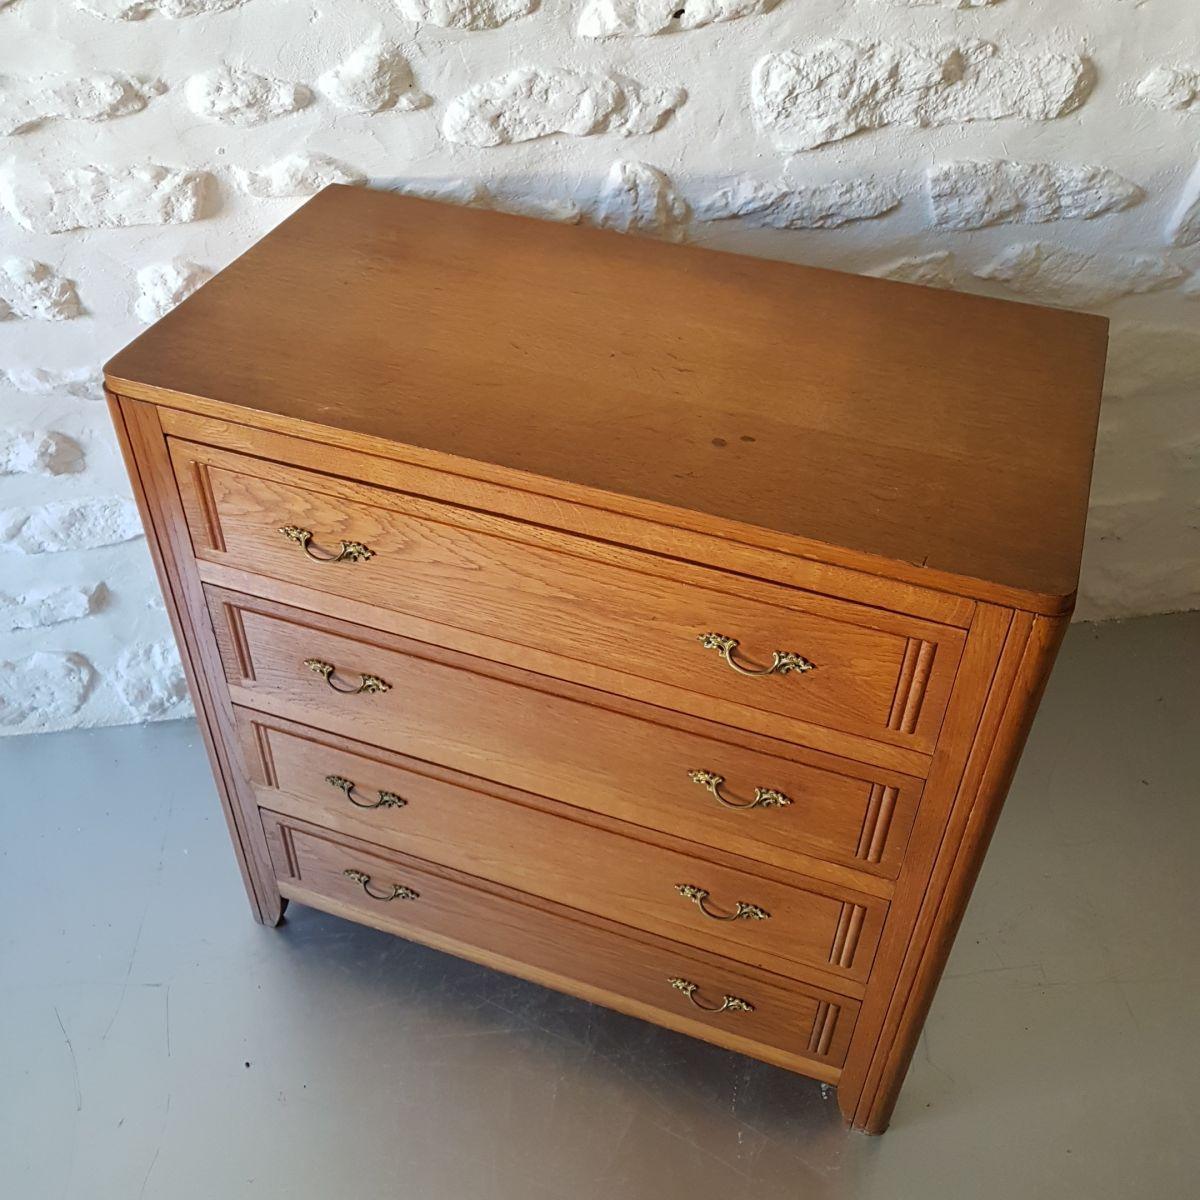 commode originale interesting commode vintage en bois. Black Bedroom Furniture Sets. Home Design Ideas